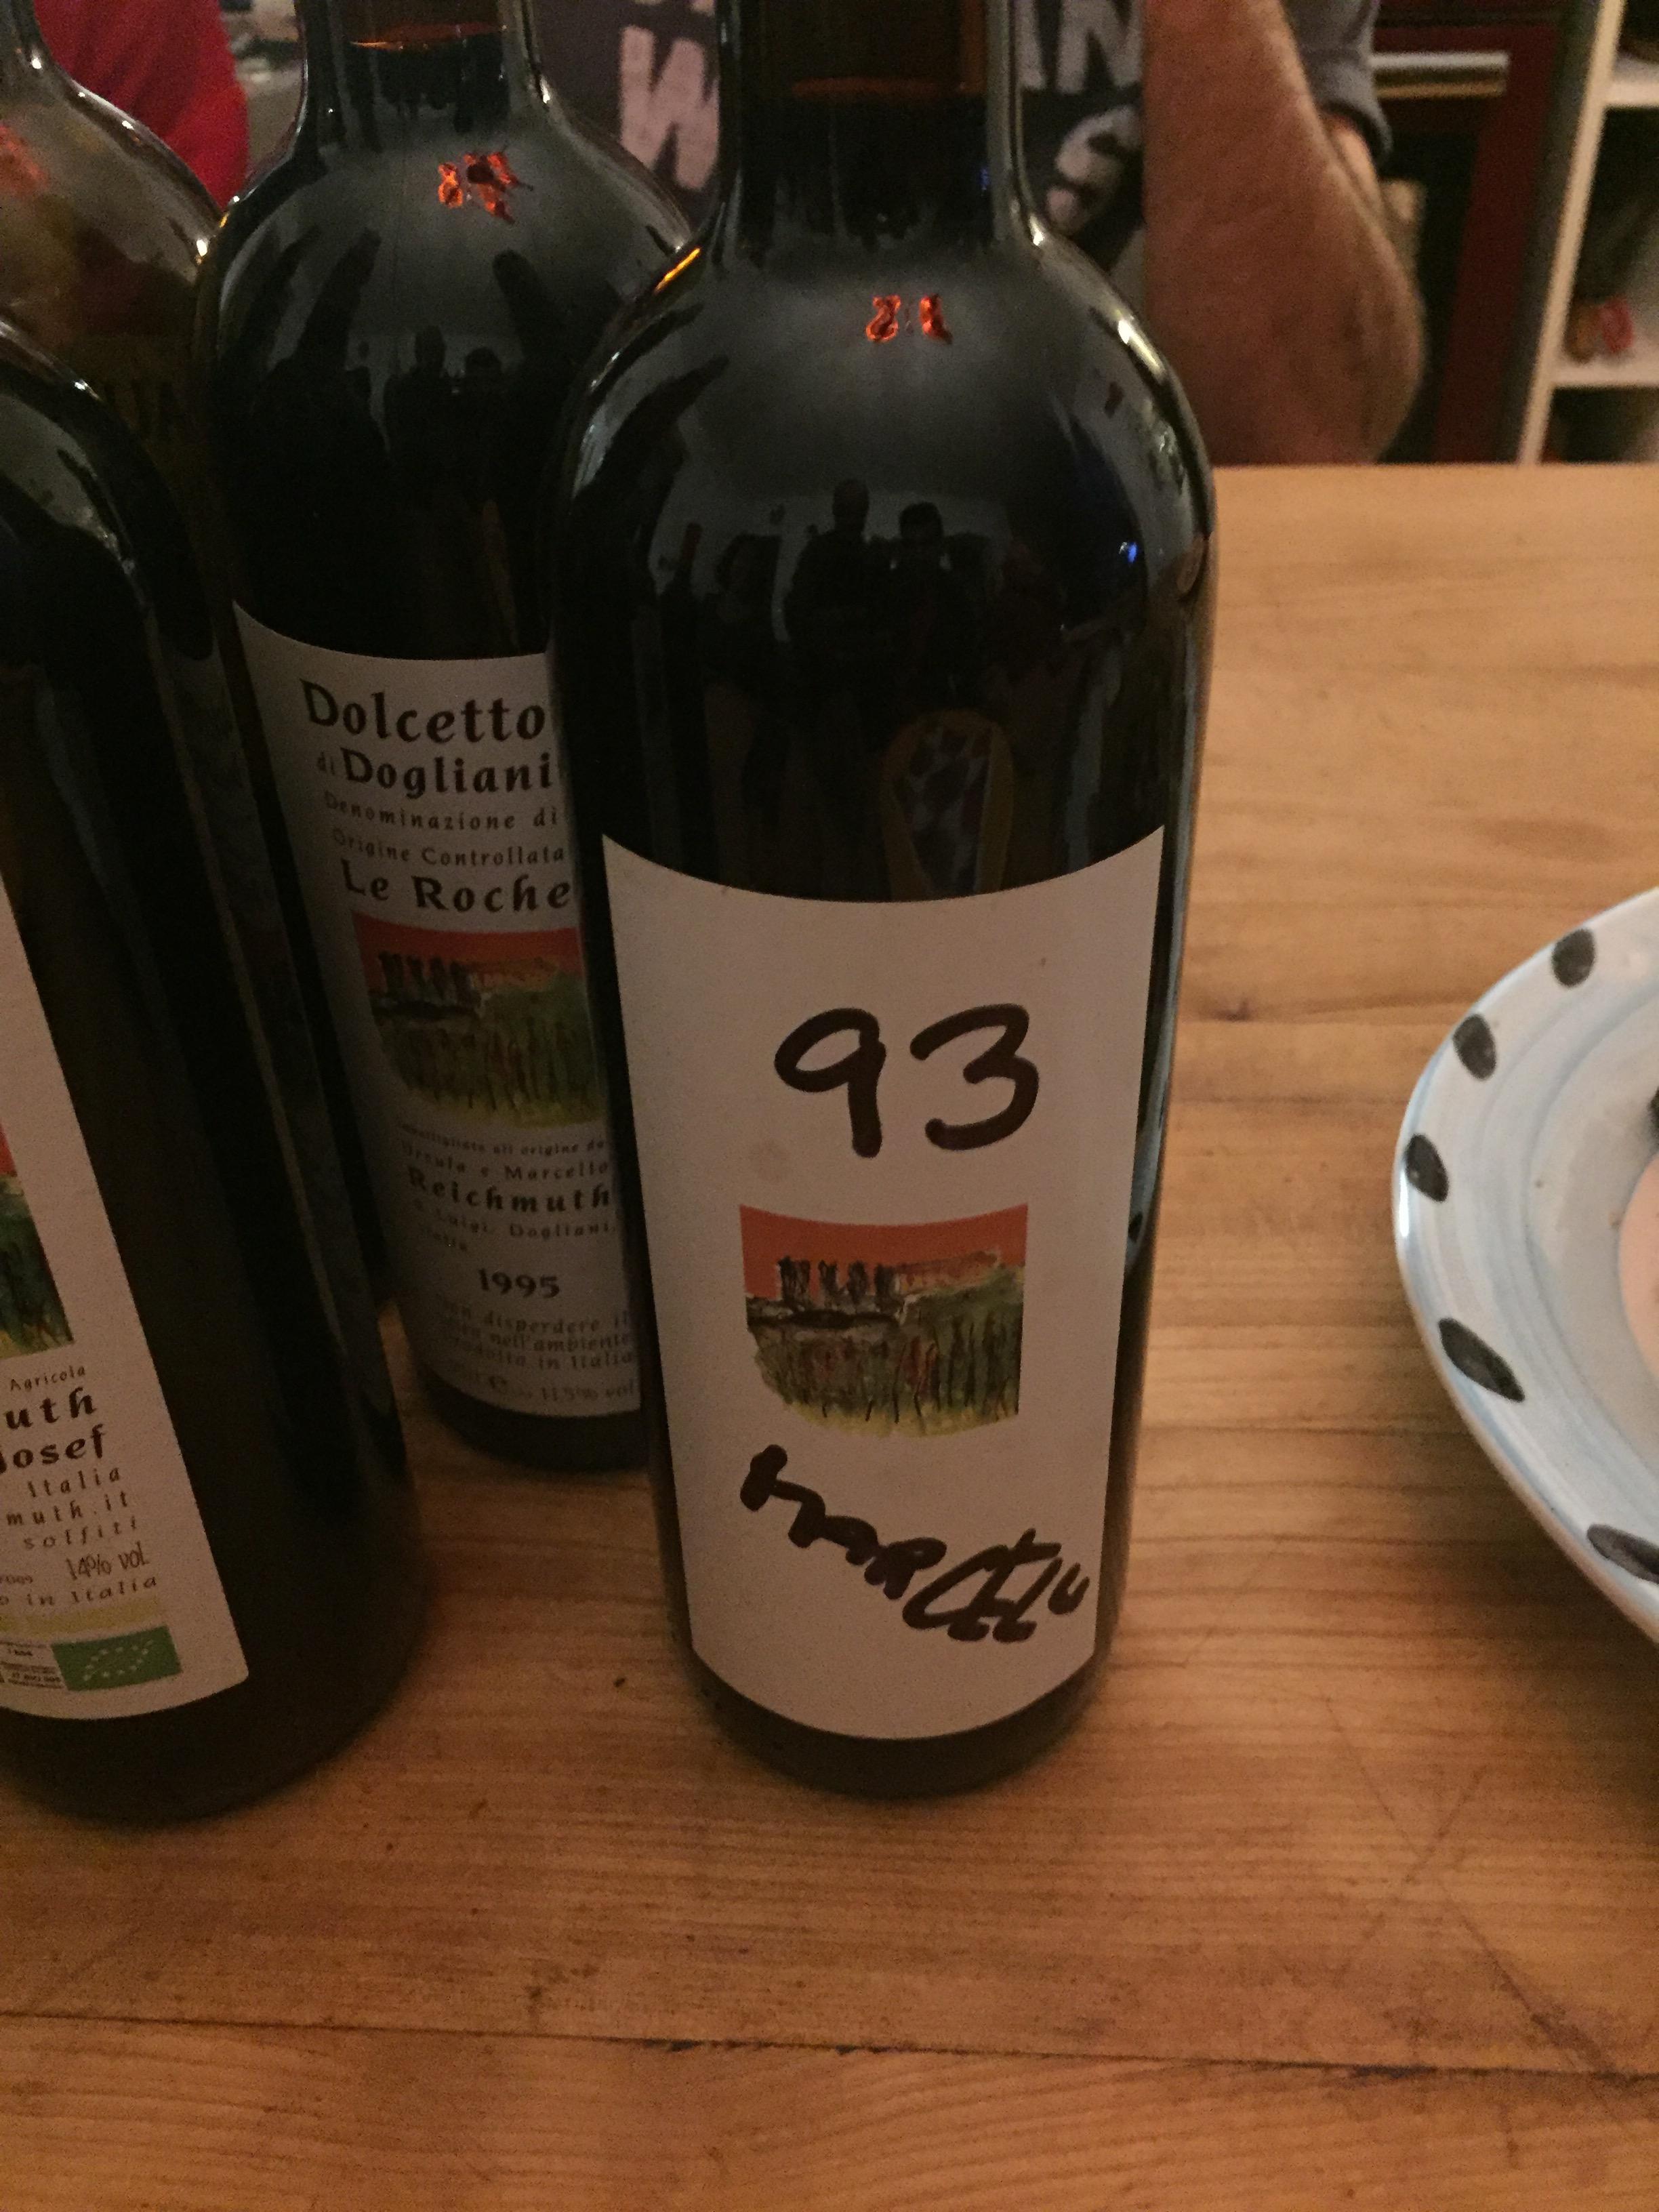 Marcello's amazing wine